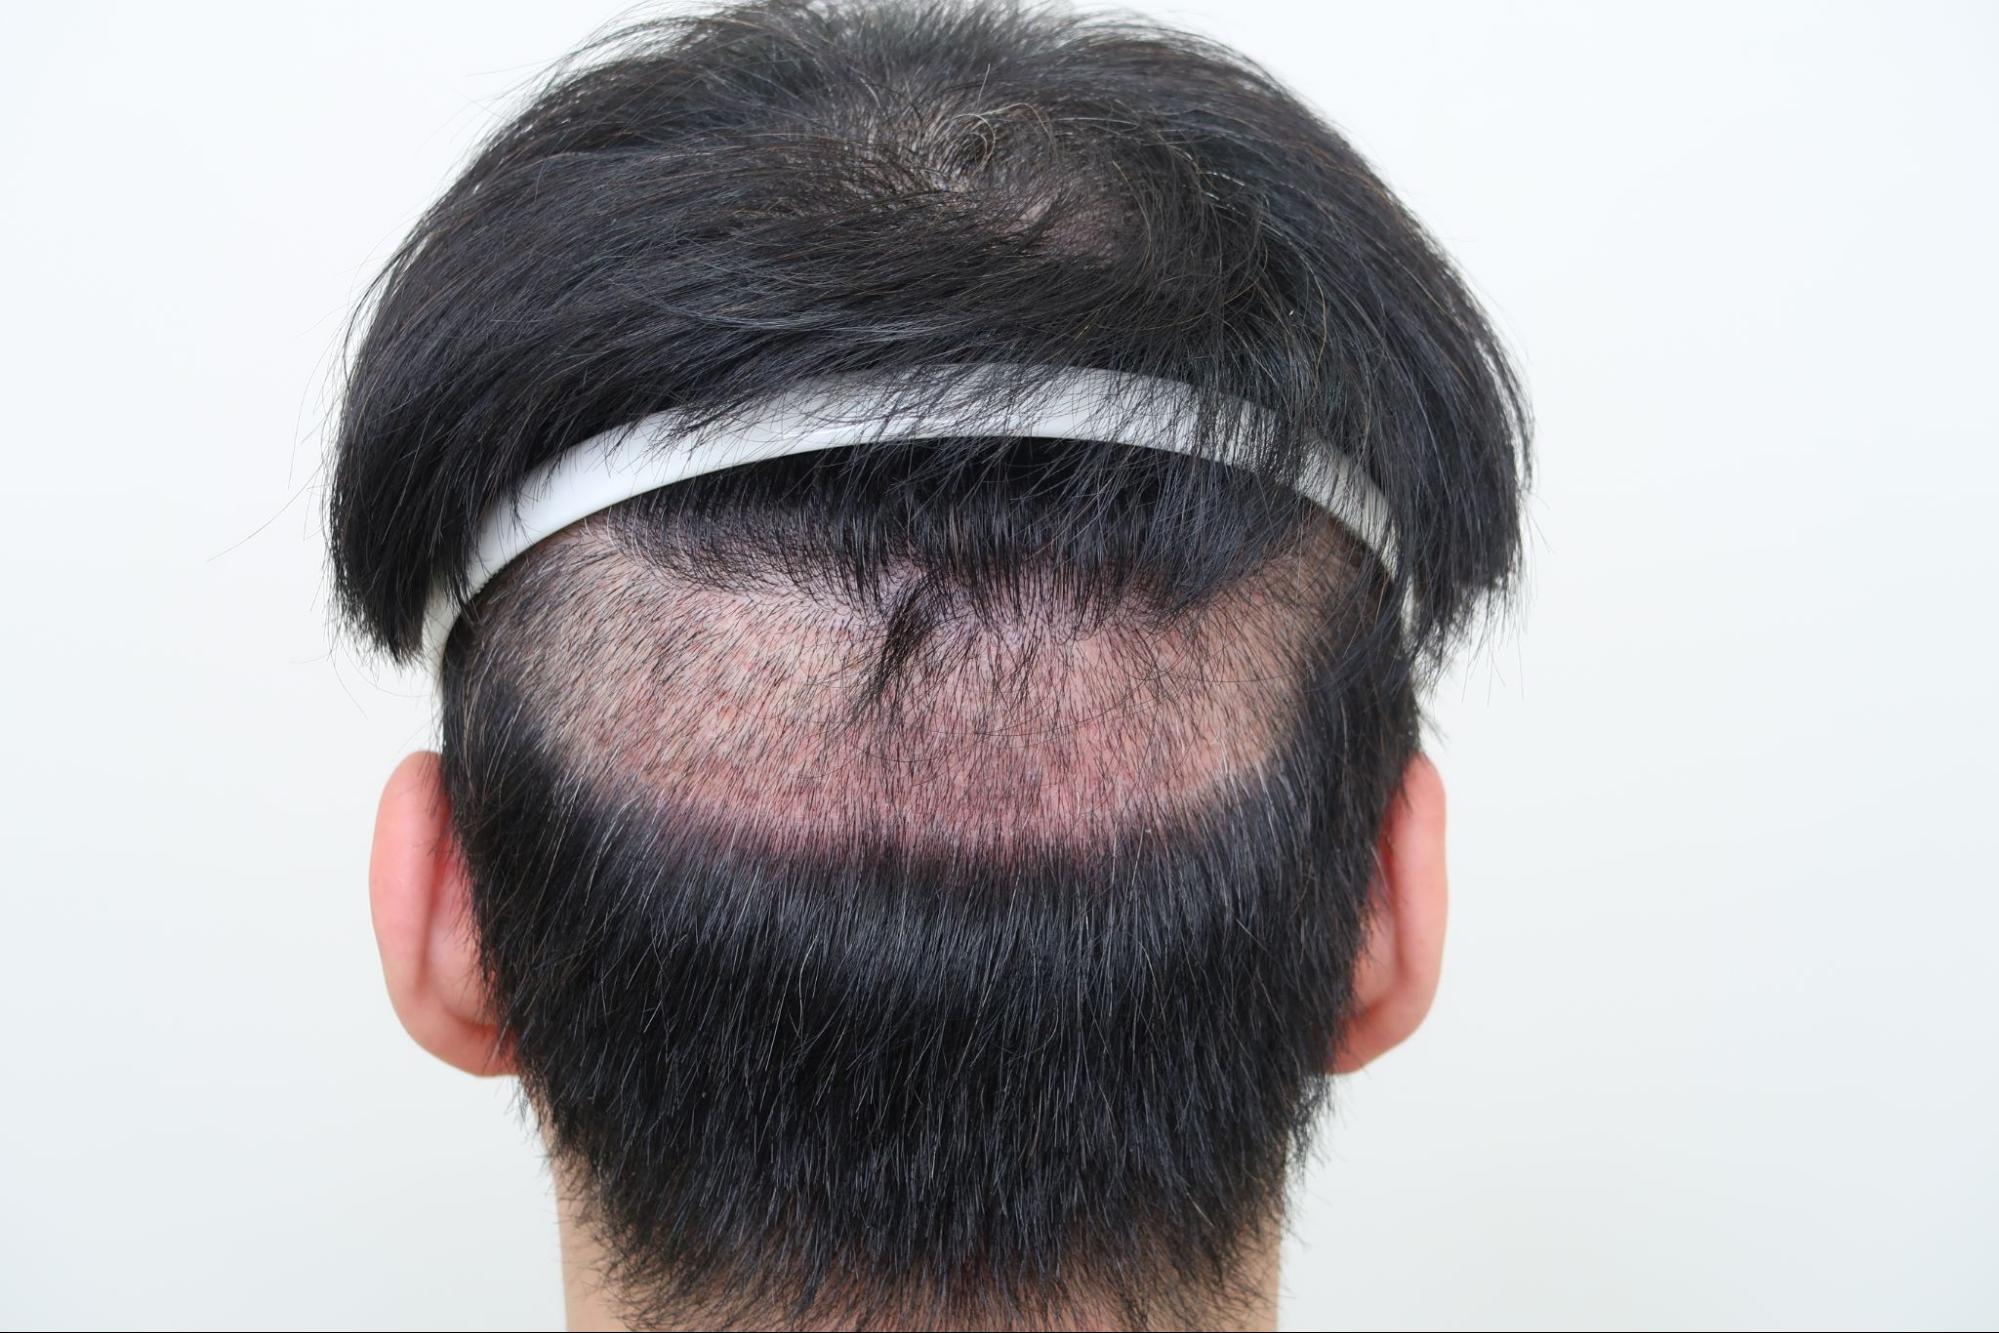 分層剃髮FUE遮蓋剃髮部位